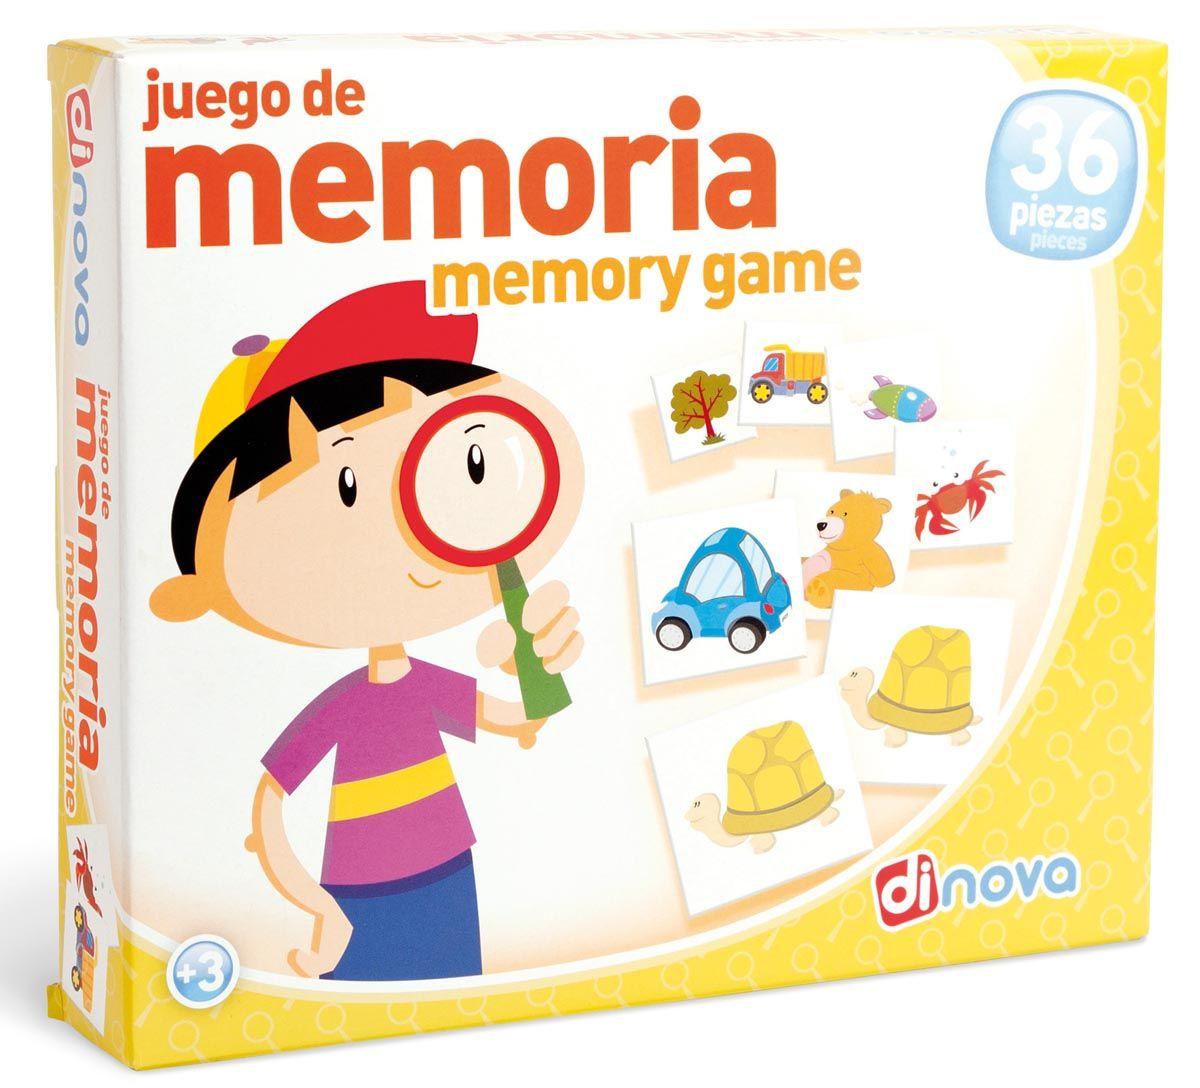 Juegos Educativos Juegos Educativos Juegos Dinova Juego De